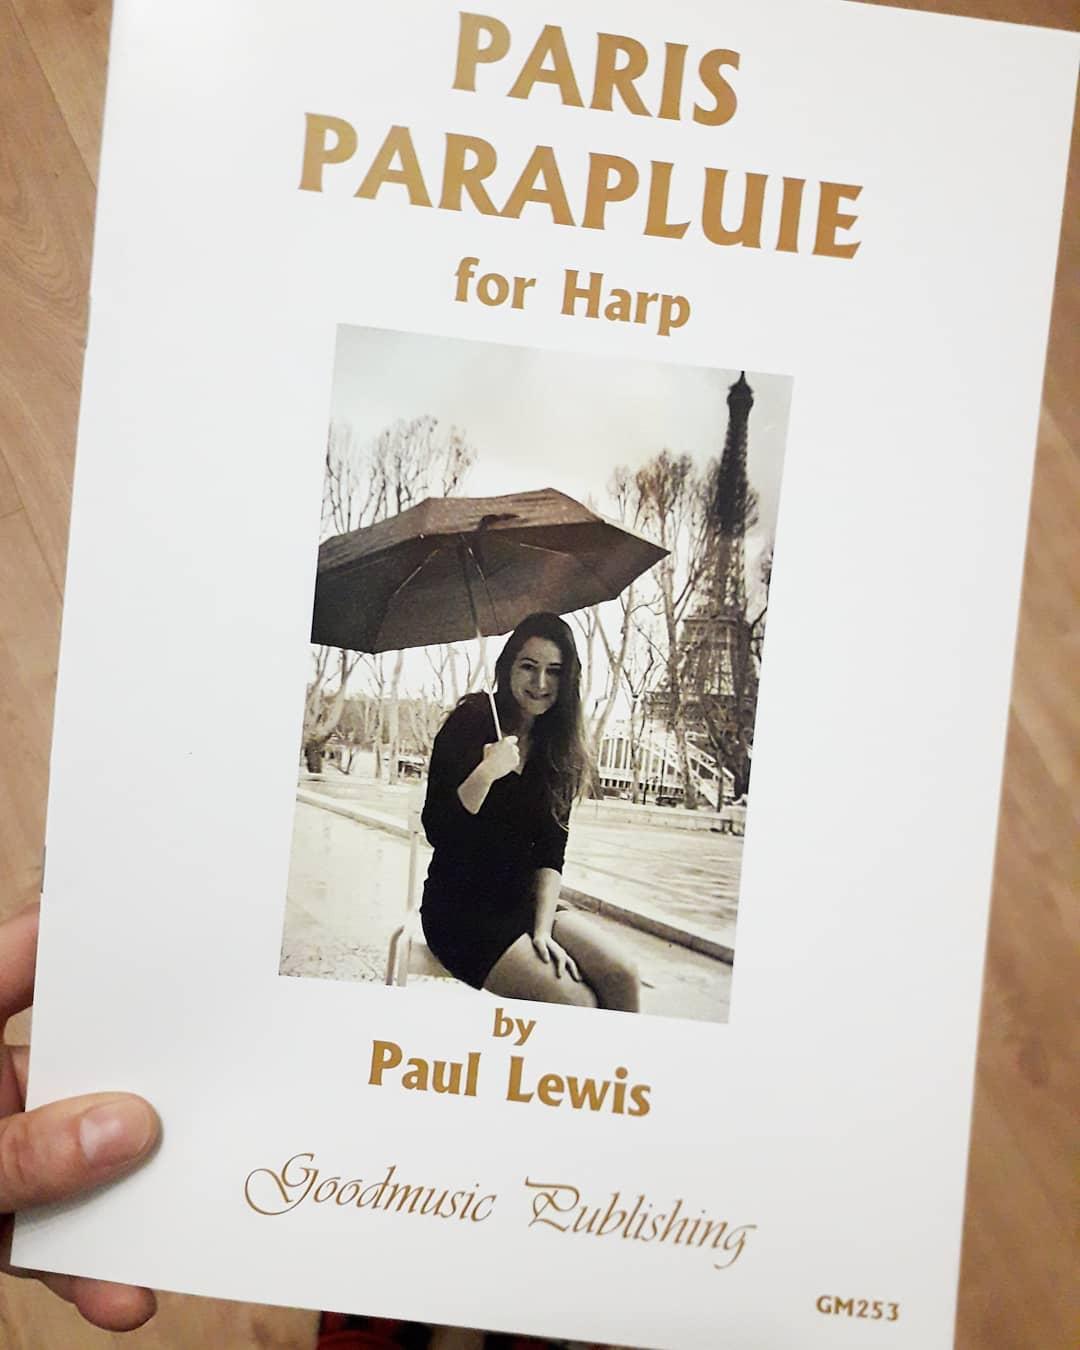 """I cannot even begin to express how grateful, honored and THRILLED I was when I received the brillant harp solo piece Paul Lewis dedicated to me, """"Paris Parapluie"""" 🤩 The score was just published by Good Music so now you can get it too (google """"Paris Parapluie Paul Lewis"""")!! Harpists friends, this is GORGEOUS music, highly recommended!! It's a 4'30 minutes long harp solo, advanced but not painstakingly difficult if that makes sense  A fair warning though, it sent me down a serious Paris nostalgia rabbit hole (to which I know no cure but wine) and might induce croissants cravings 🤷♀️ . .  Tellement émue, reconnaissante et fière d'avoir reçu la partition de la pièce que Paul Lewis m'a dédiée !! 🤩 L'oeuvre vient d'être publiée chez Good Music et la partition est disponible à l'achat en ligne (cherchez """"Paris Parapluie Paul Lewis"""")!! C'est un morceau (en toute objectivité ) magnifique et très agréable à jouer ! Amis harpistes, je le recommande chaudement, vous ne regretterez pas !! (Harpe solo, 4'30 minutes, niveau 3ème cycle)"""